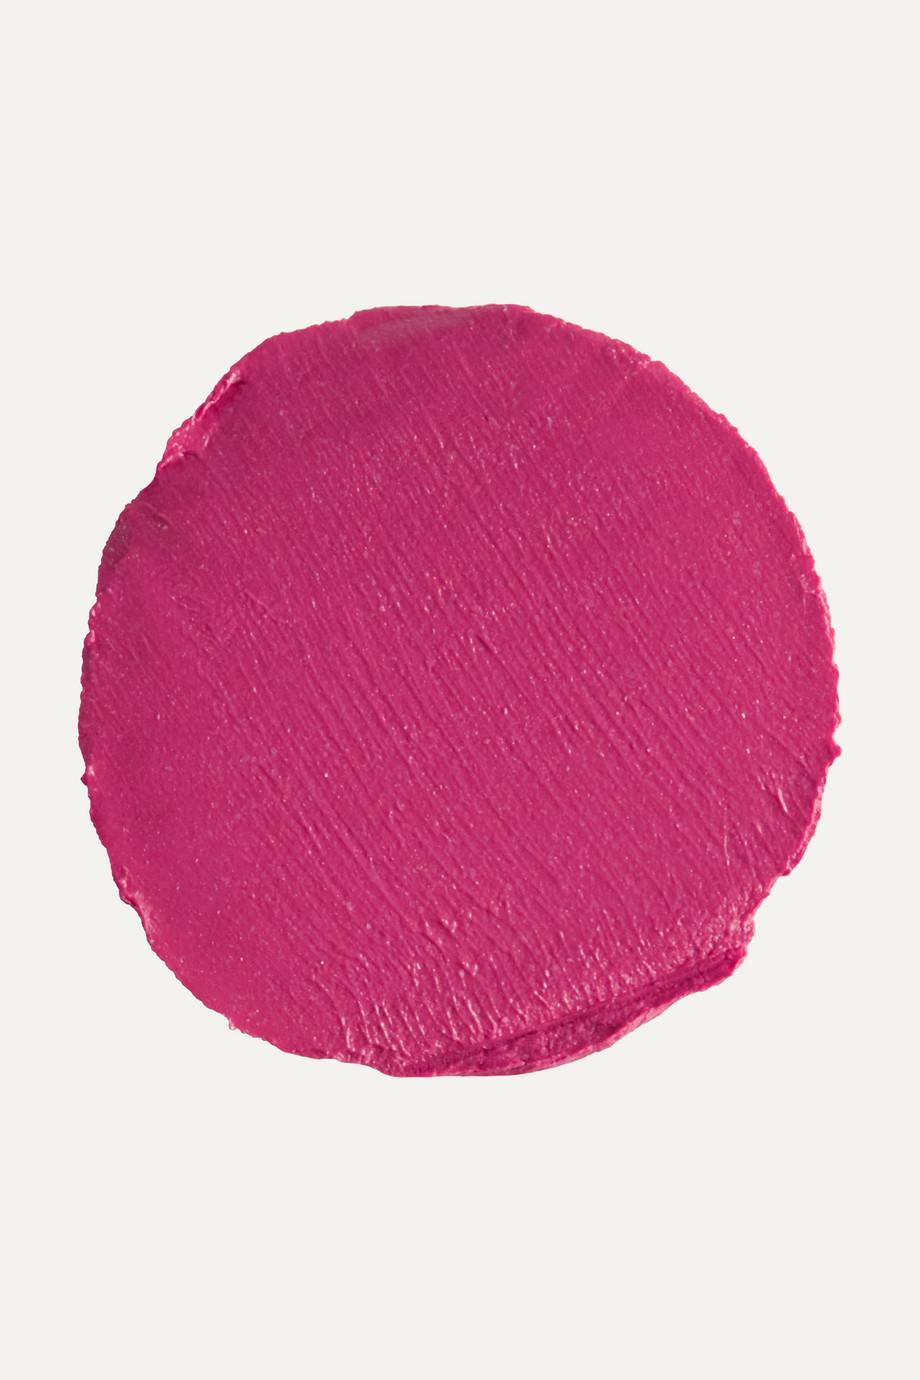 Charlotte Tilbury K.I.S.S.I.N.G Lipstick - Velvet Underground